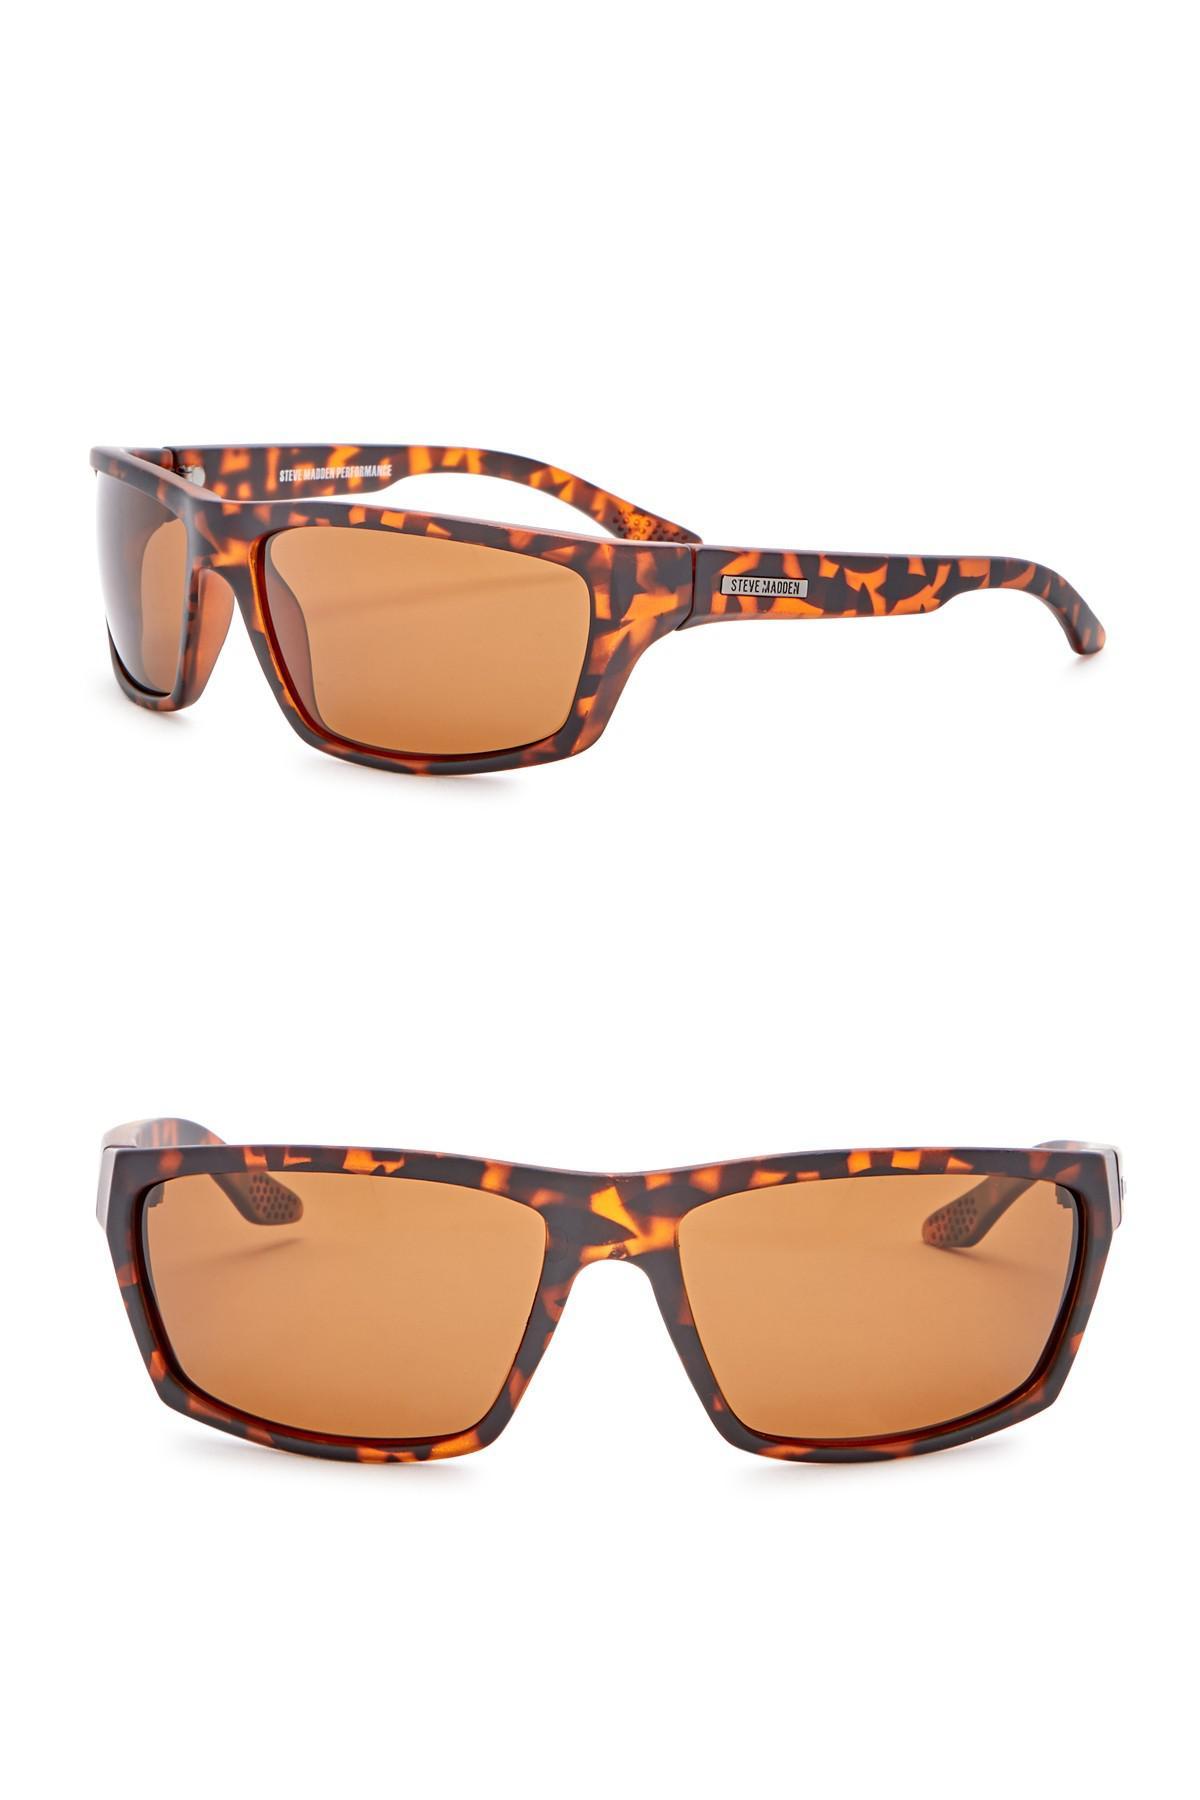 Lyst - Steve Madden 61mm Wrap Polarized Acetate Frame Sunglasses in ...